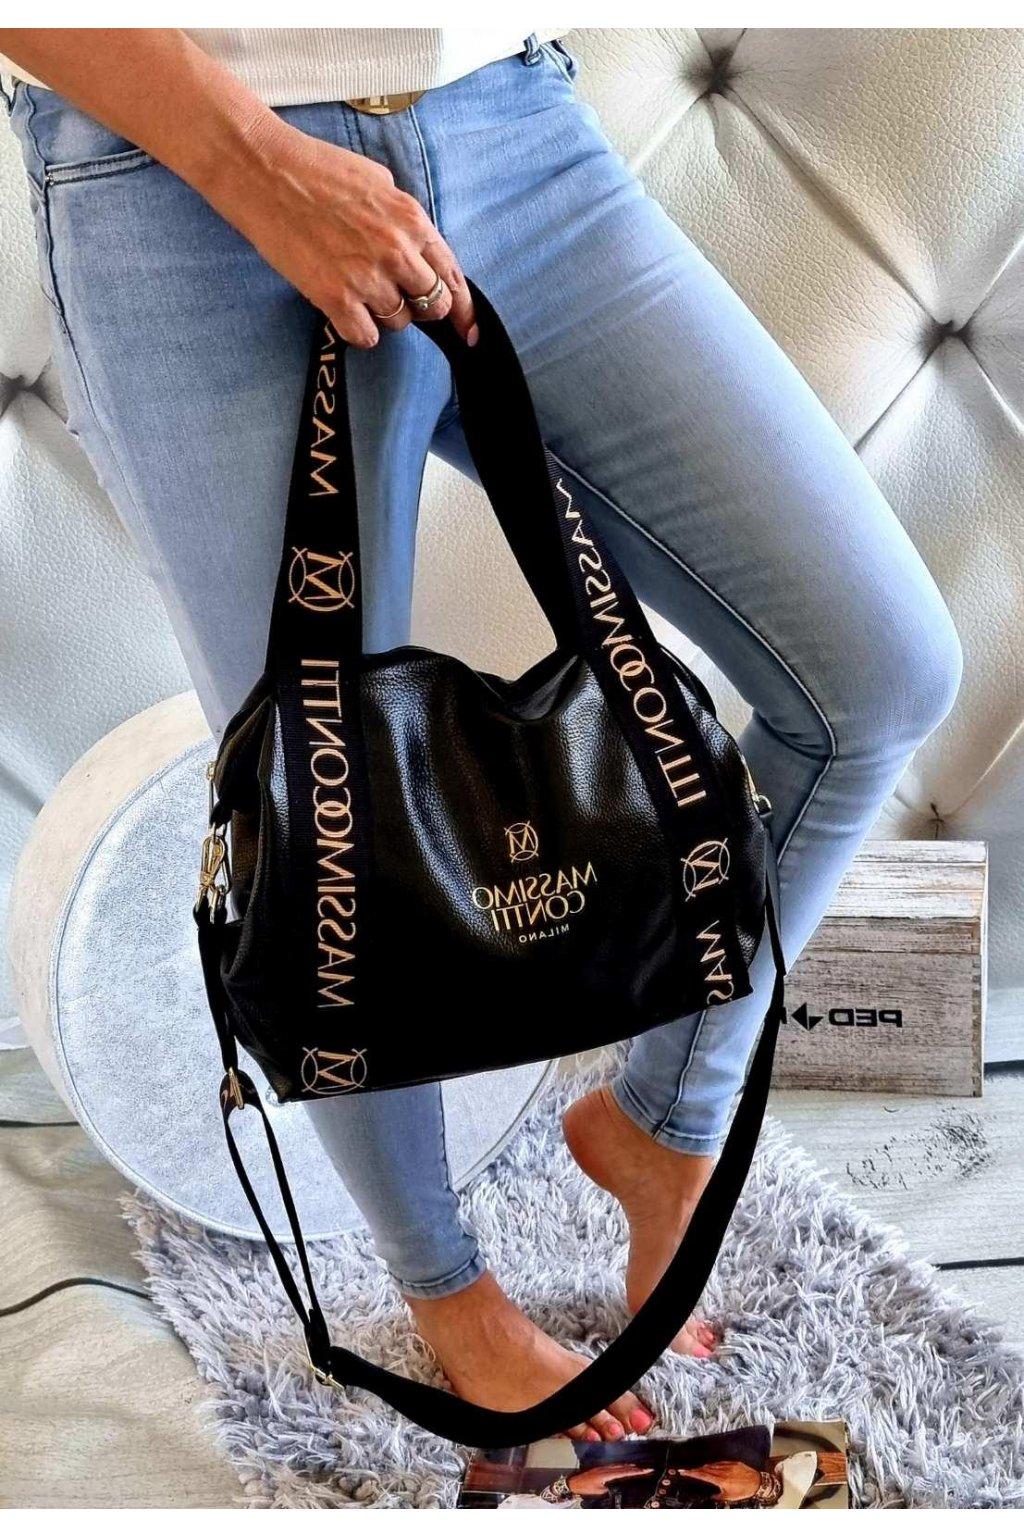 massimo contti fashion černá kabelka luxusní trendy značková kabelka italy fashion